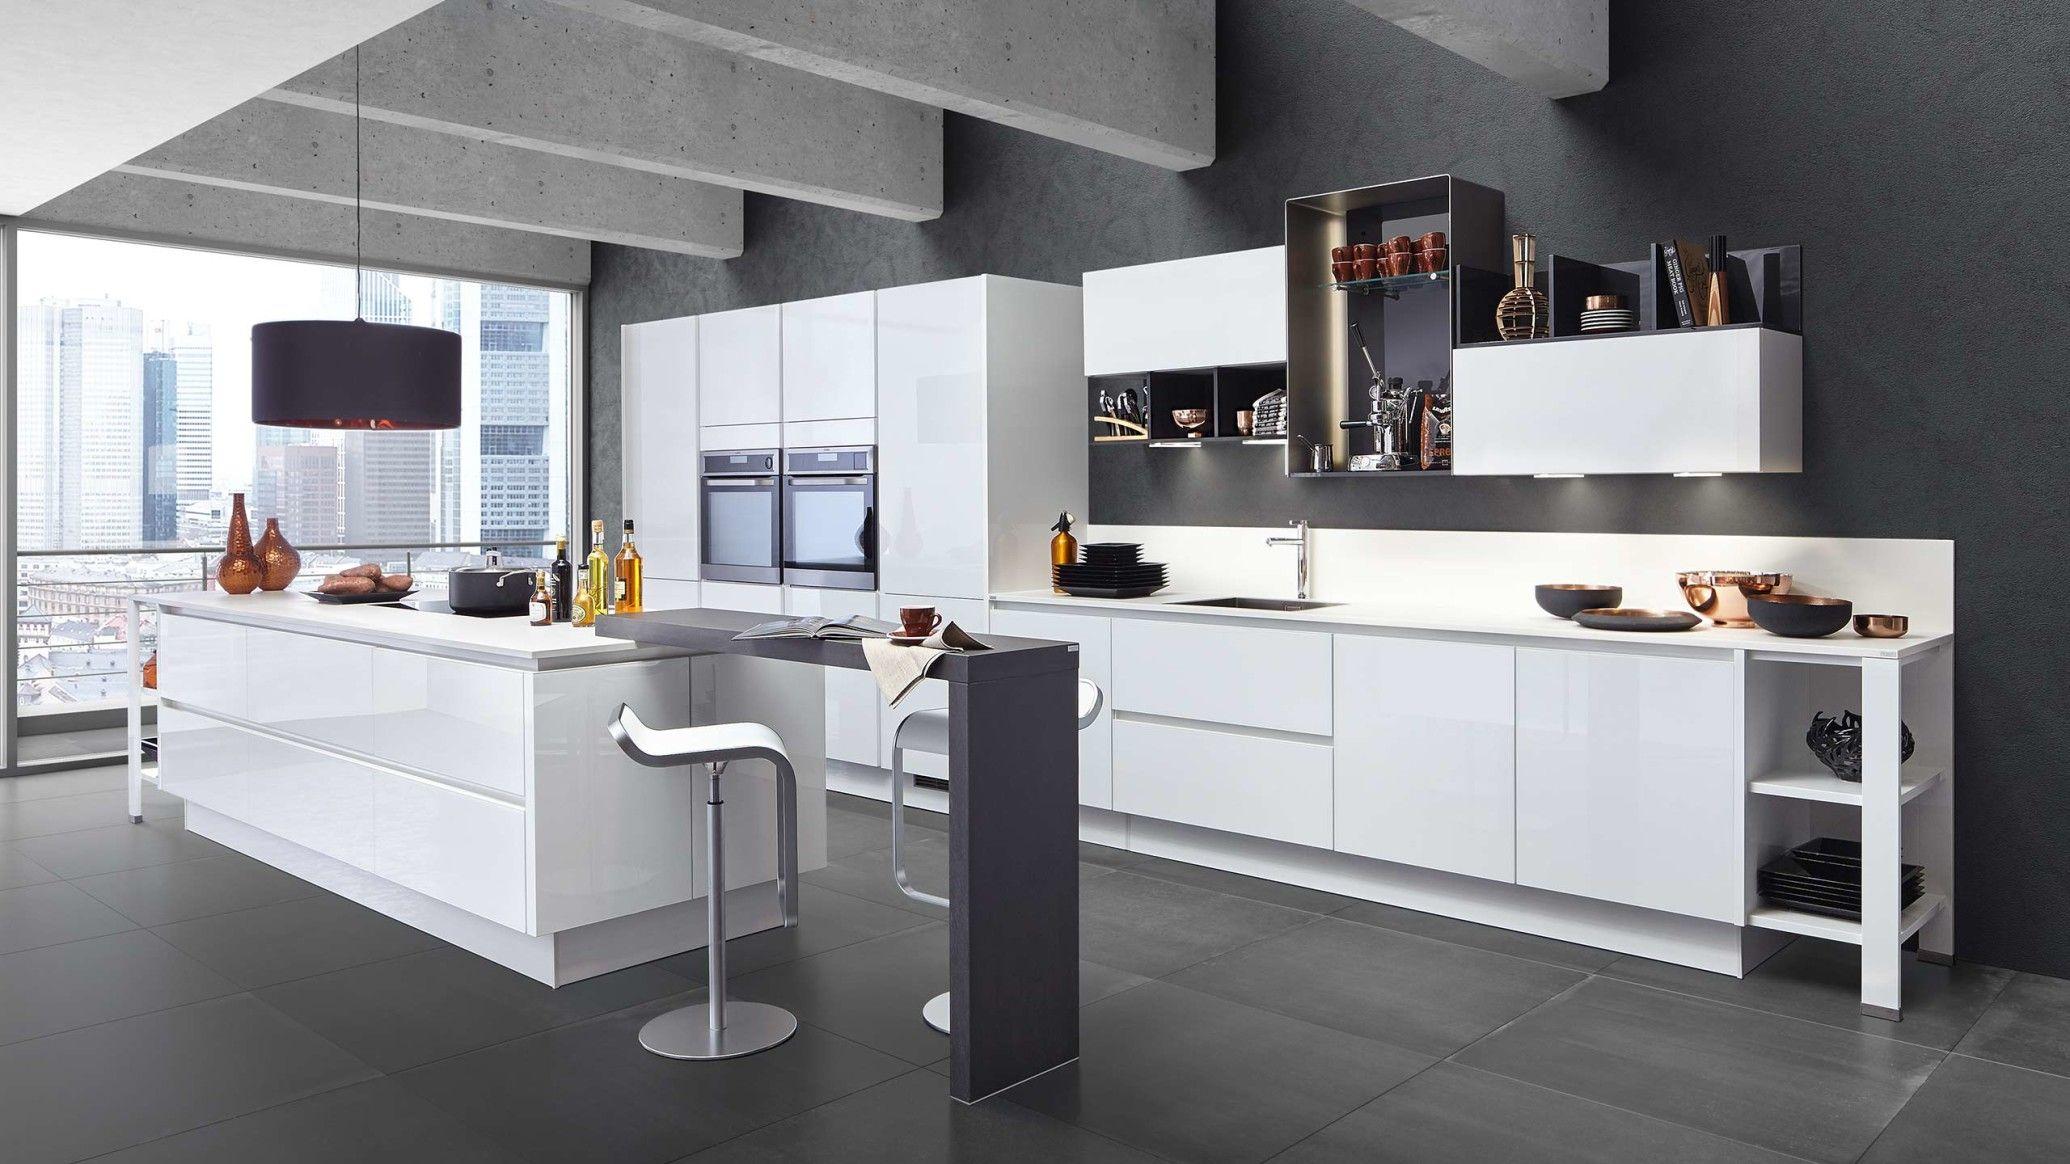 Culineo Küchen ~ Culineo küchen qualität die begeistert mit küchen von culineo